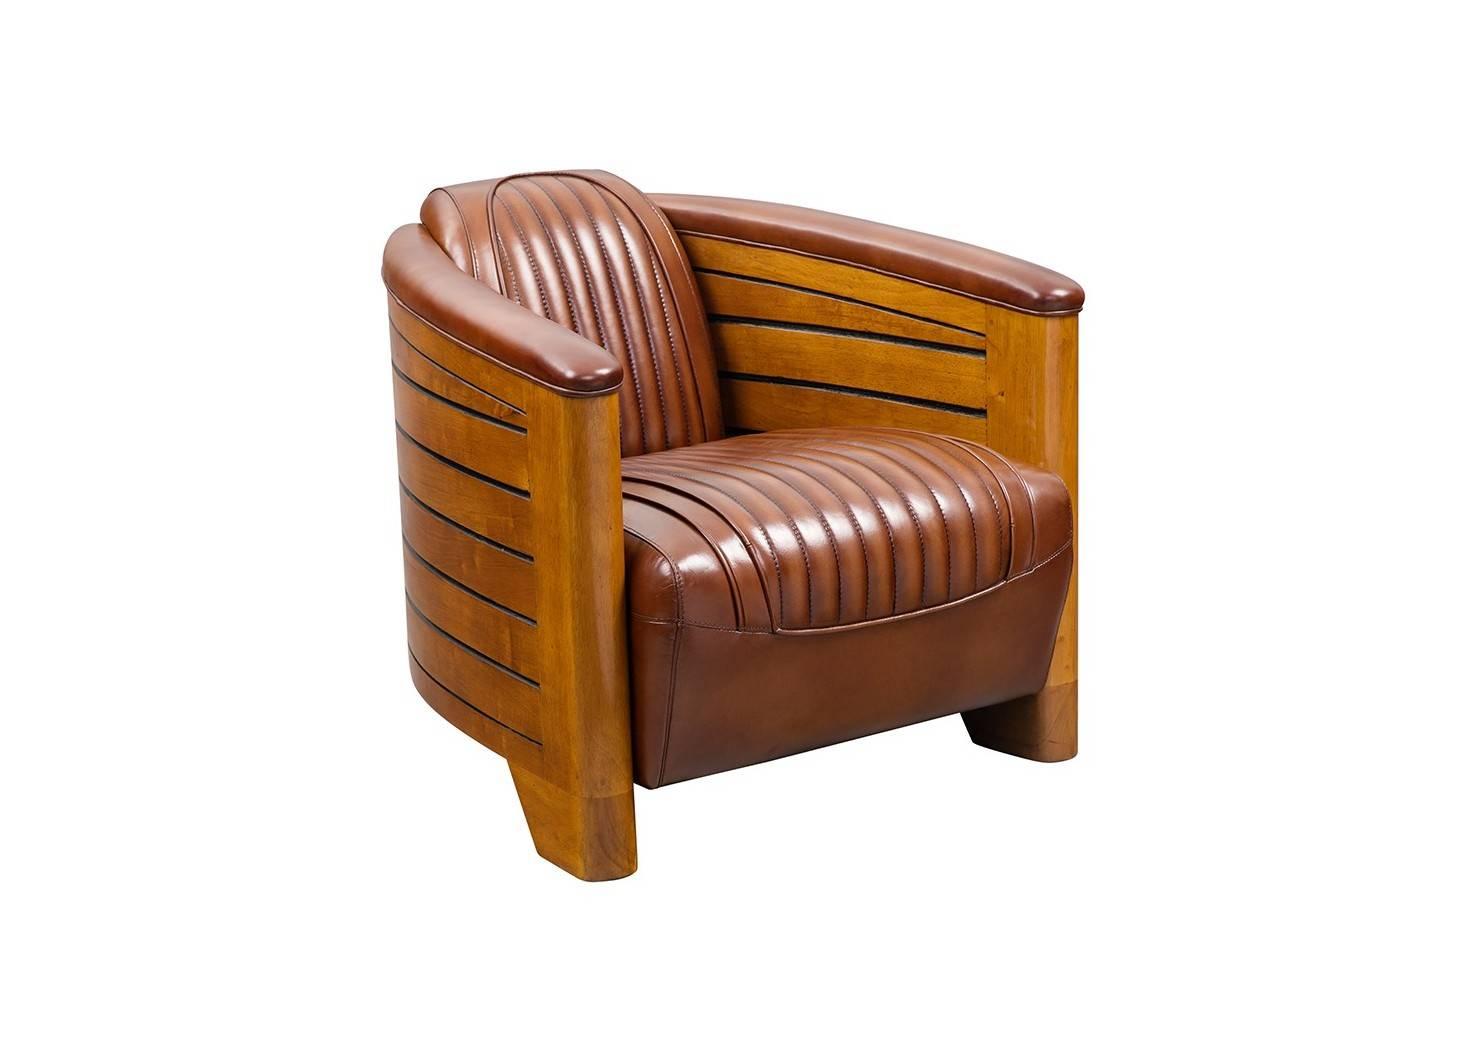 fauteuil club pirogue vintage bois et cuir. Black Bedroom Furniture Sets. Home Design Ideas